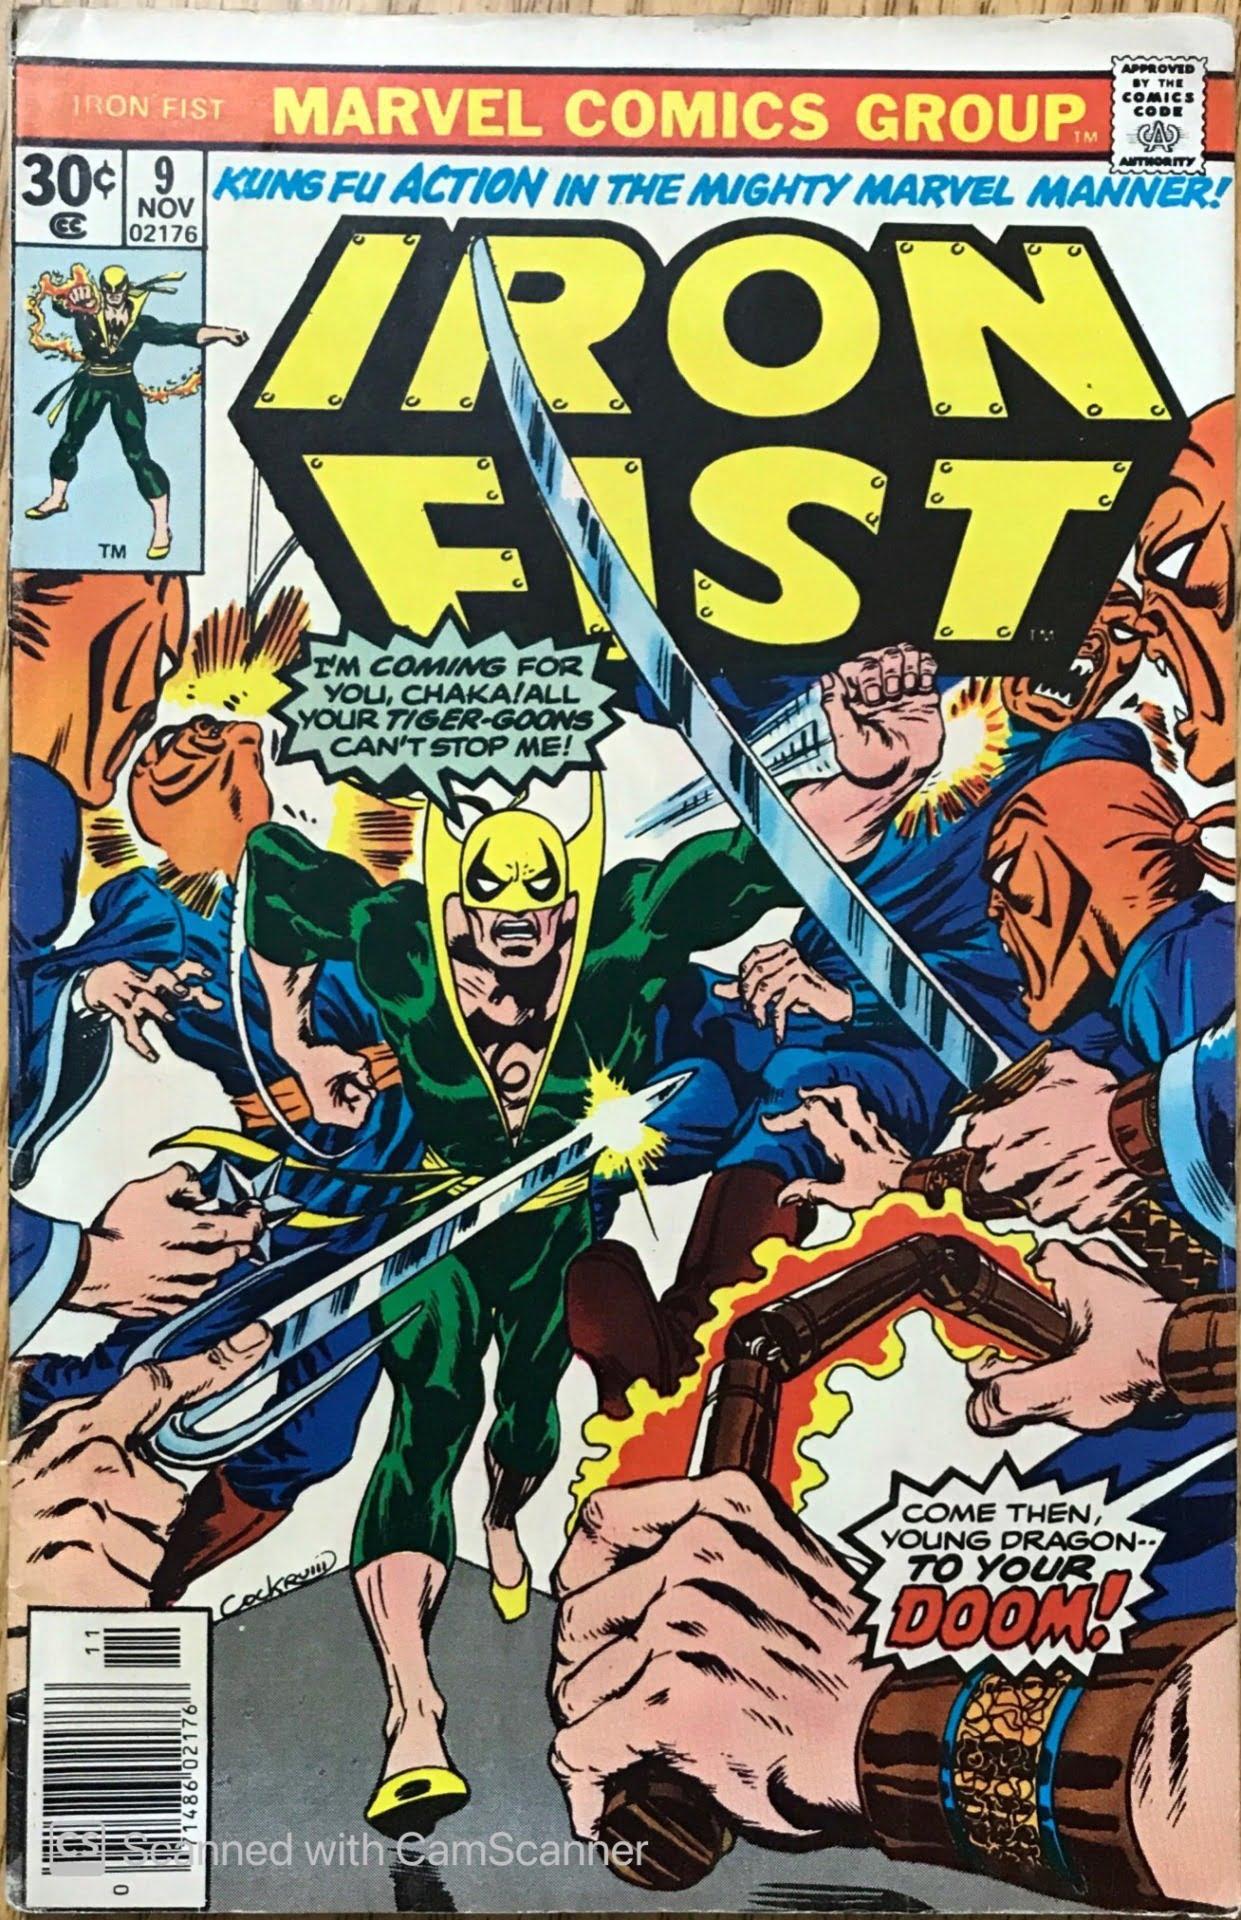 Iron Fist Vol. 1 (1975-1977) #9 - Very Good